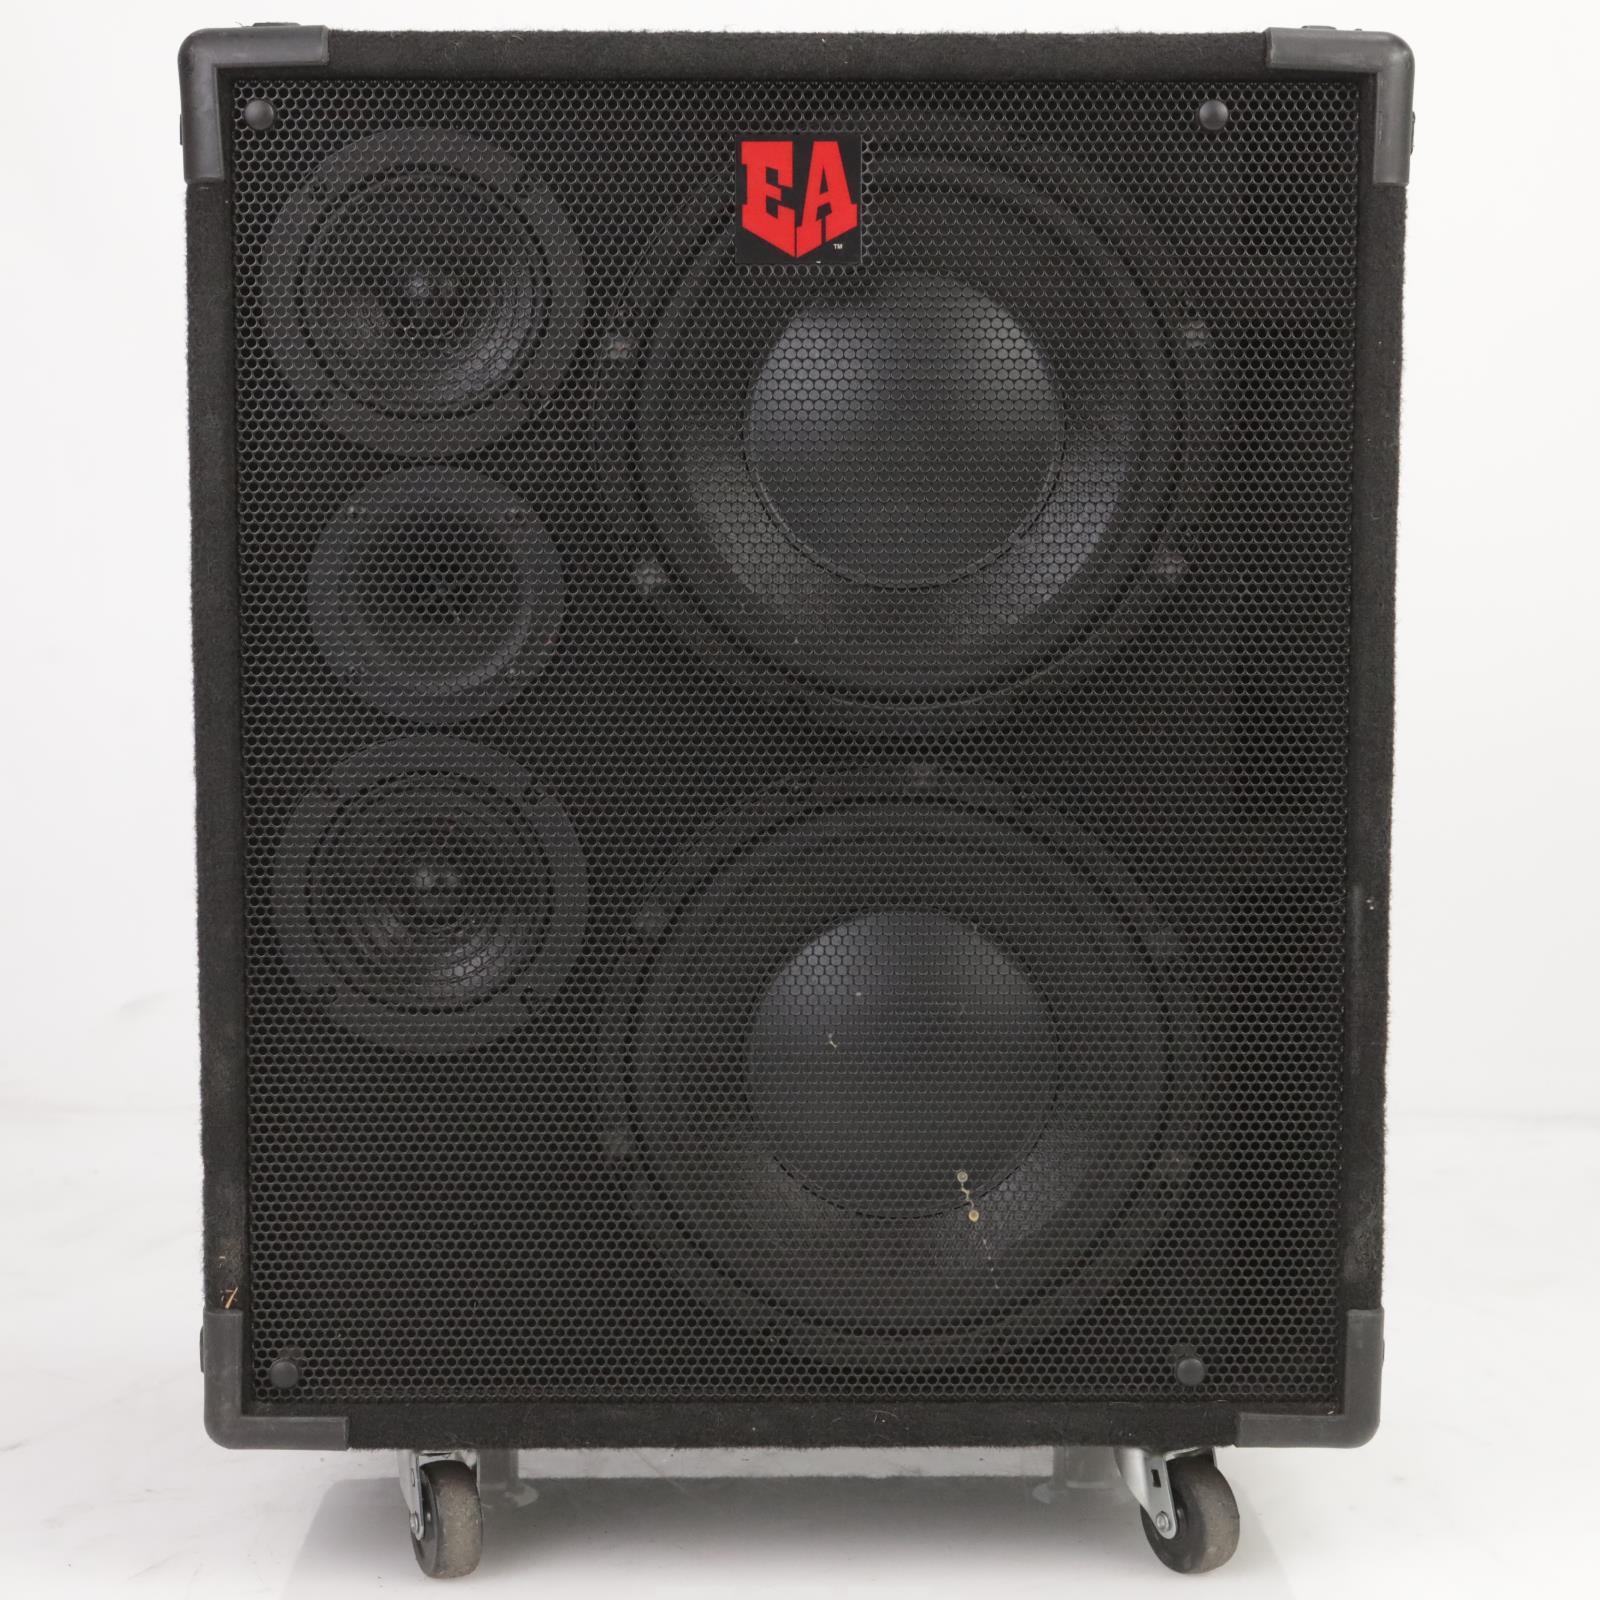 Euphonic Audio VL210 Bass Guitar Speaker Cabinet owned by Leland Sklar #38788